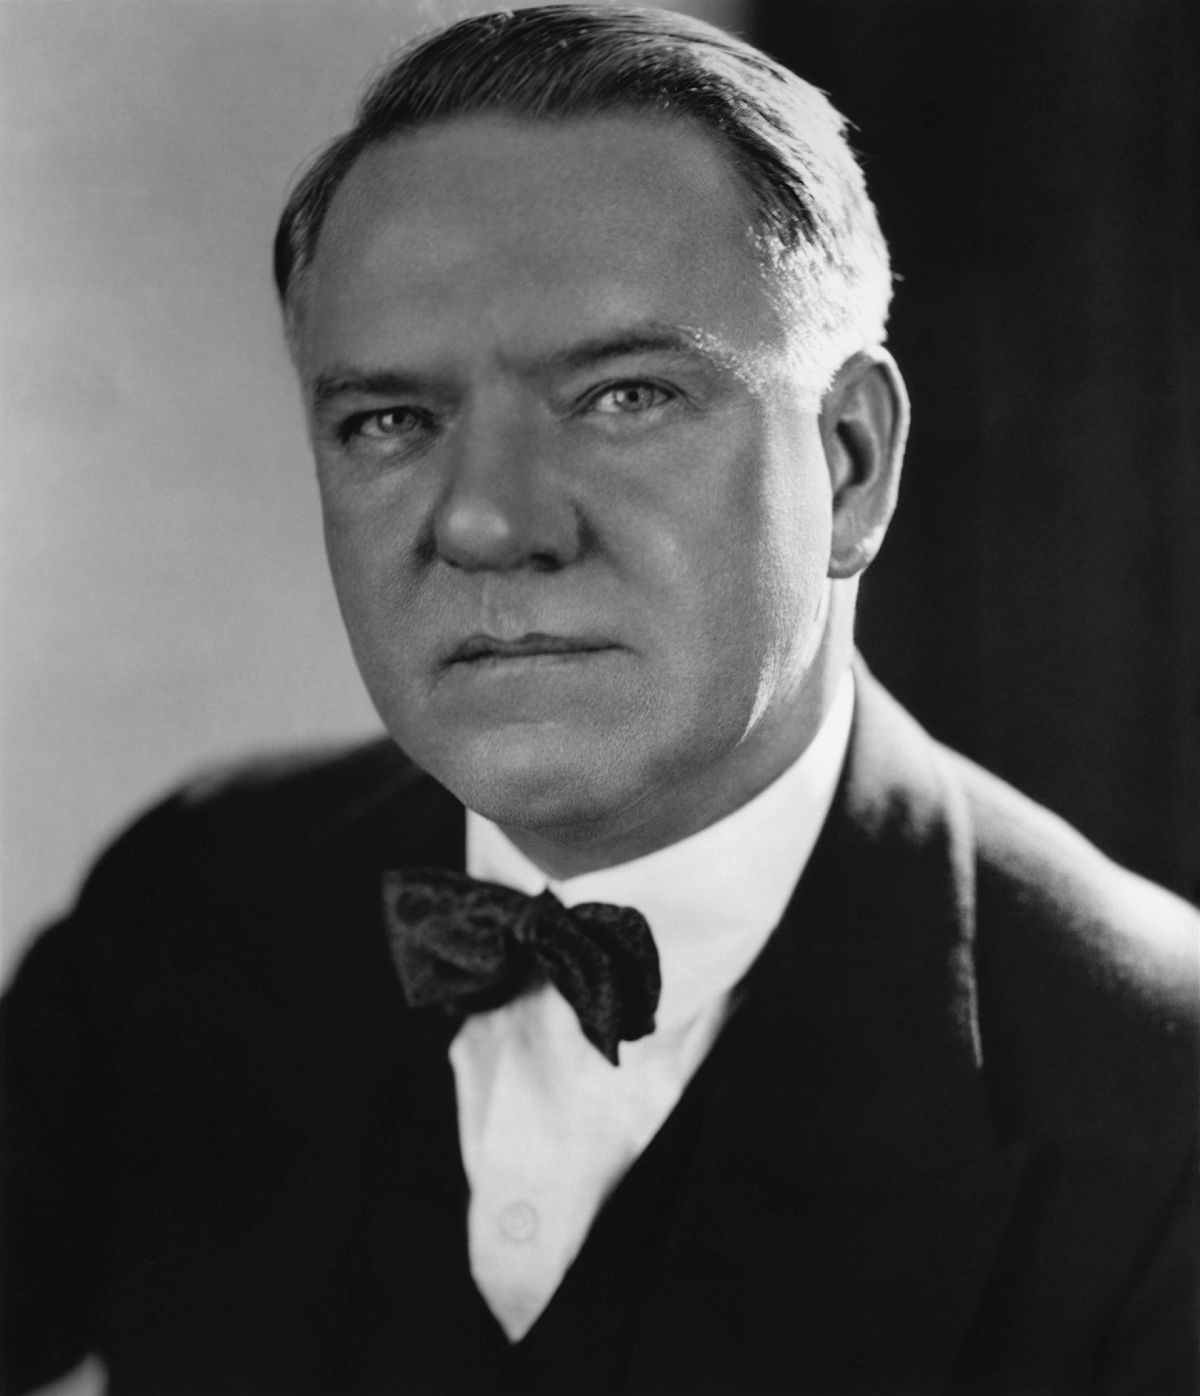 W.C. Fields